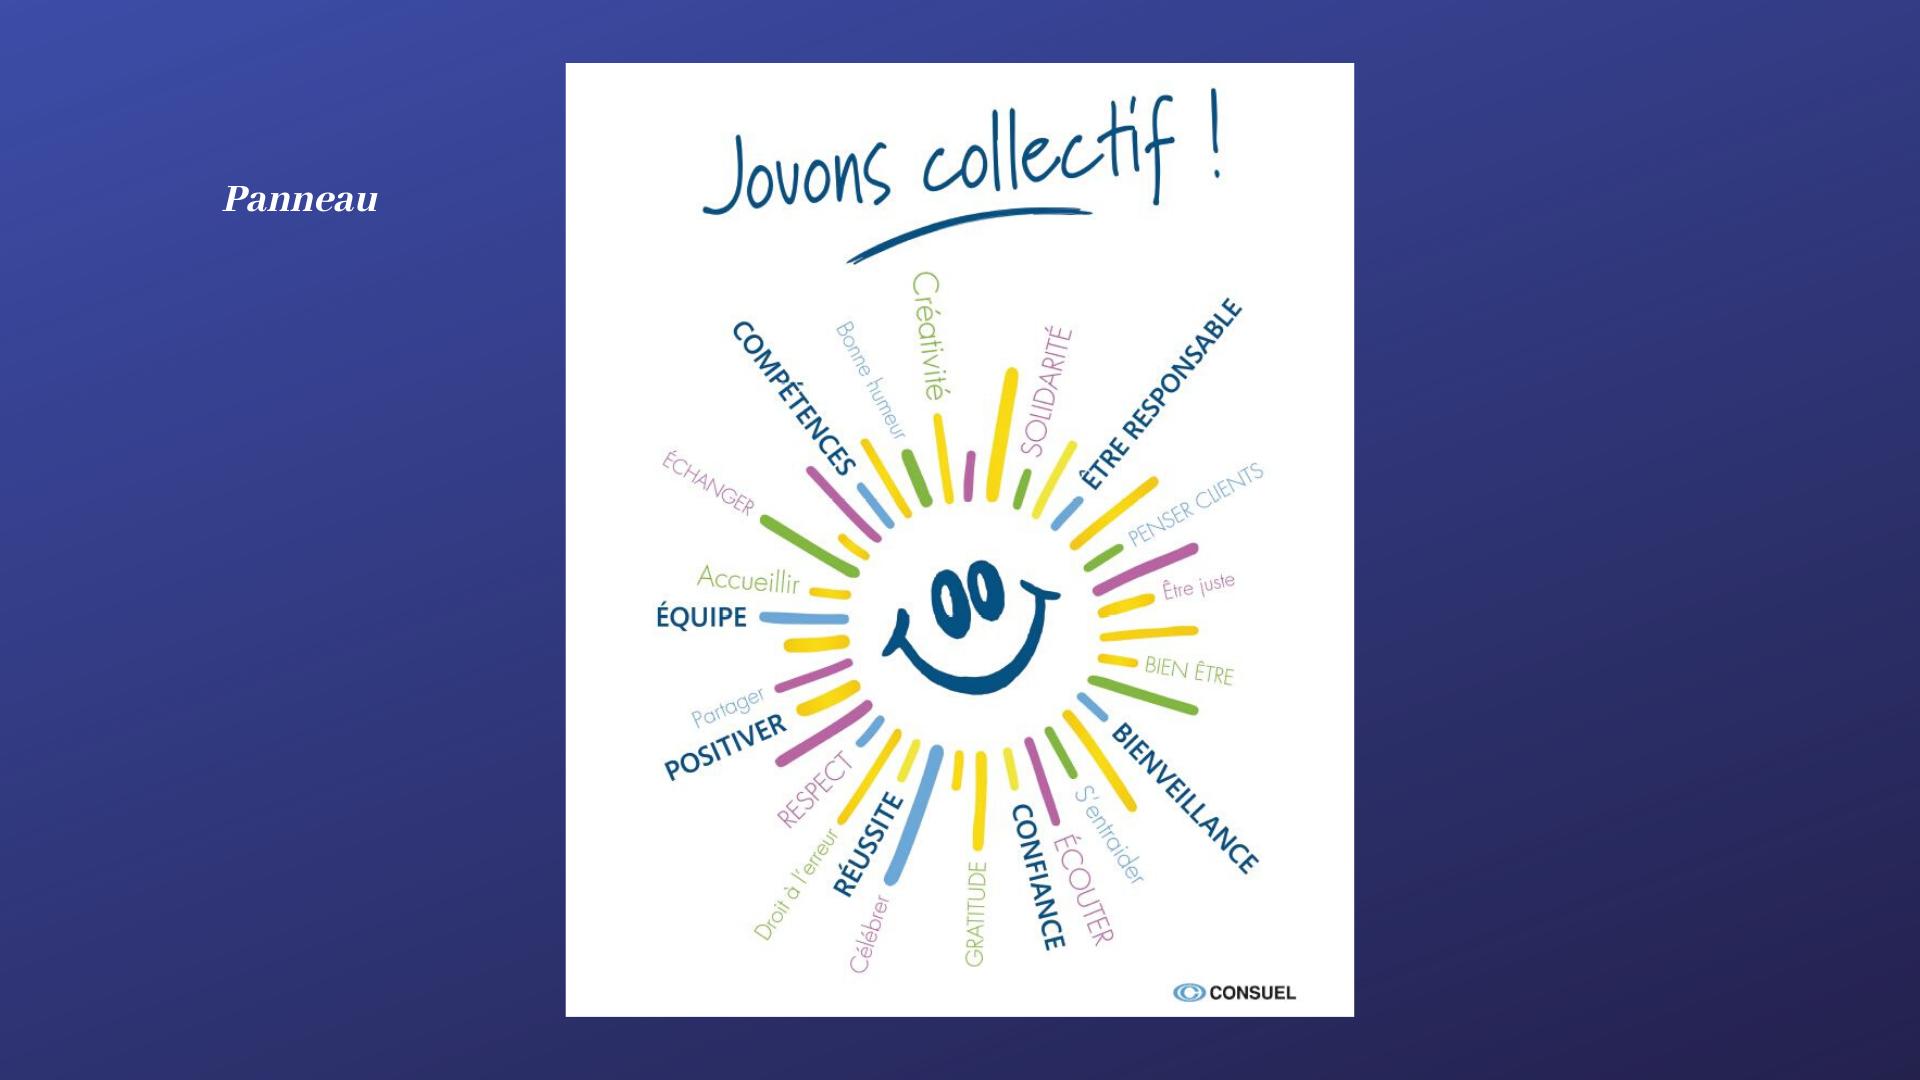 Panneau Jouons Collectif !